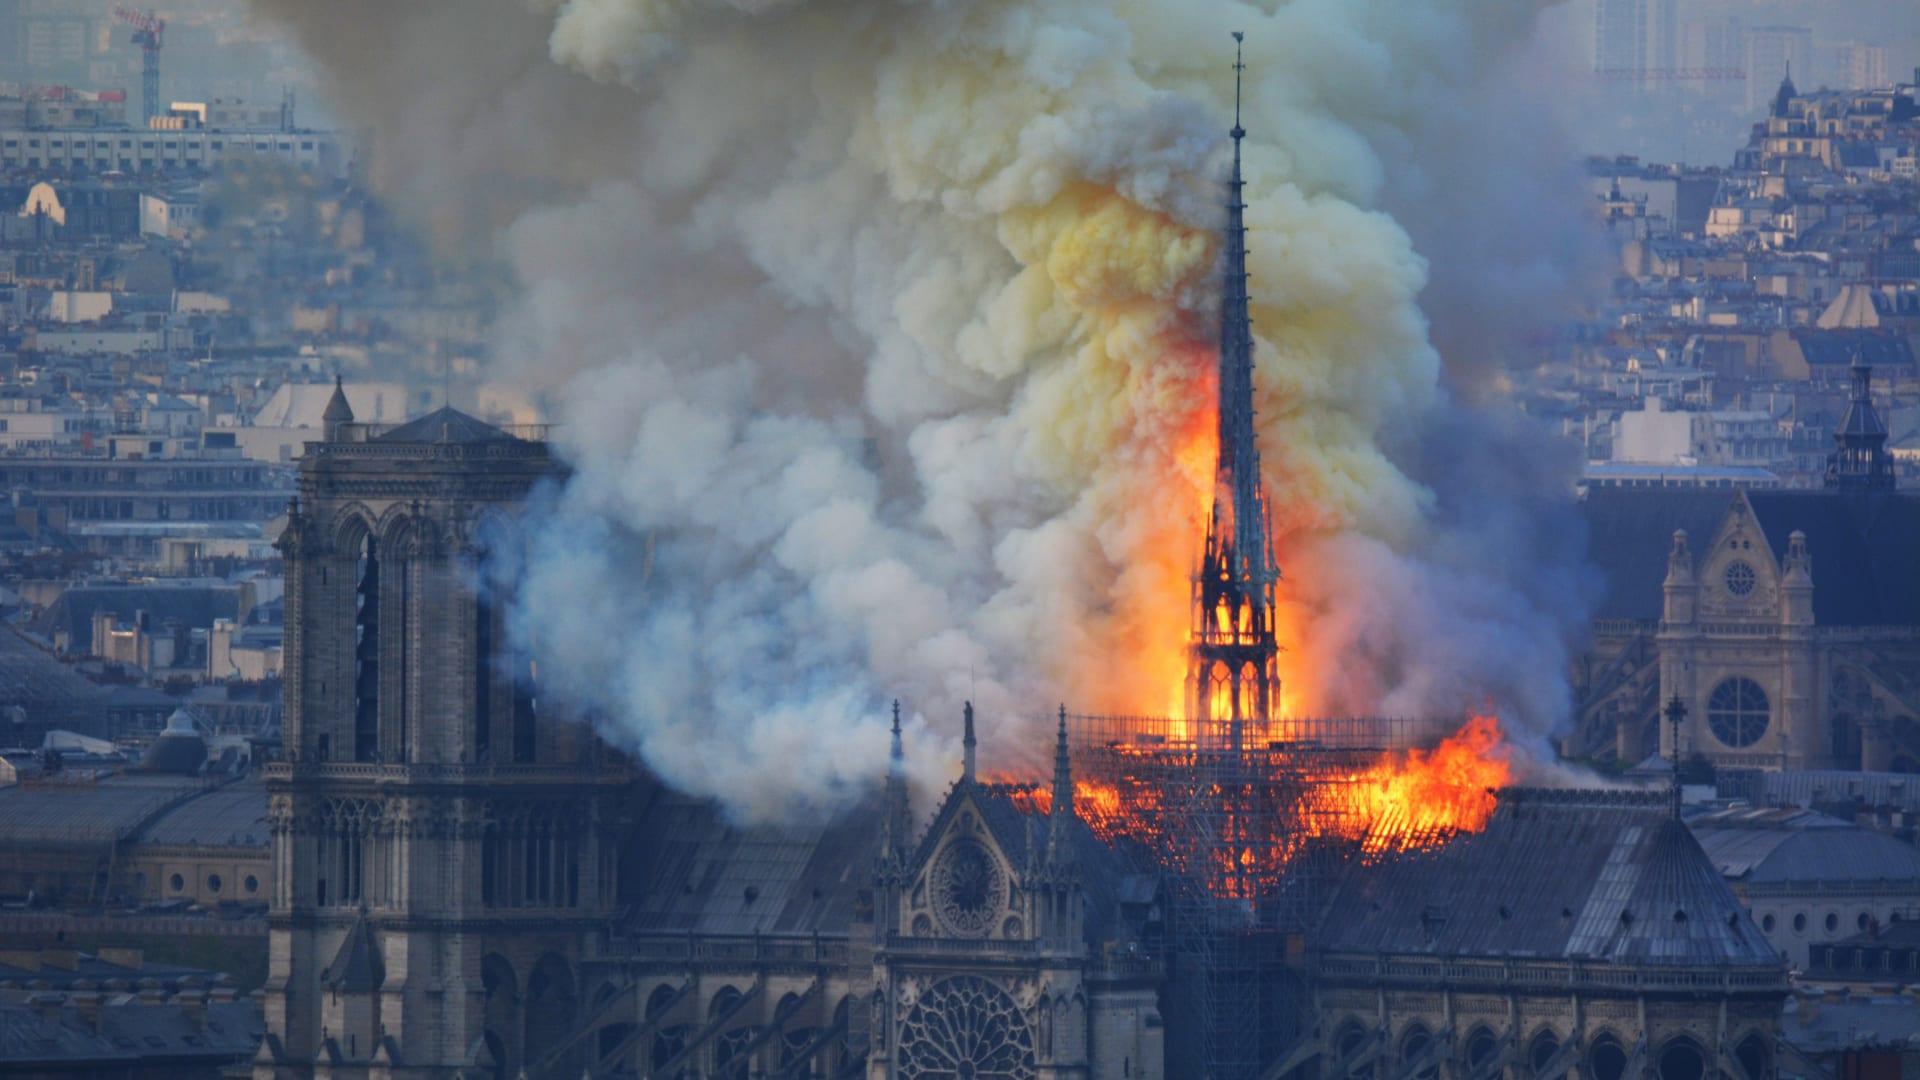 ماكرون: تجاوزنا الأسوأ.. وسنعيد بناء كاتدرائية نوتردام